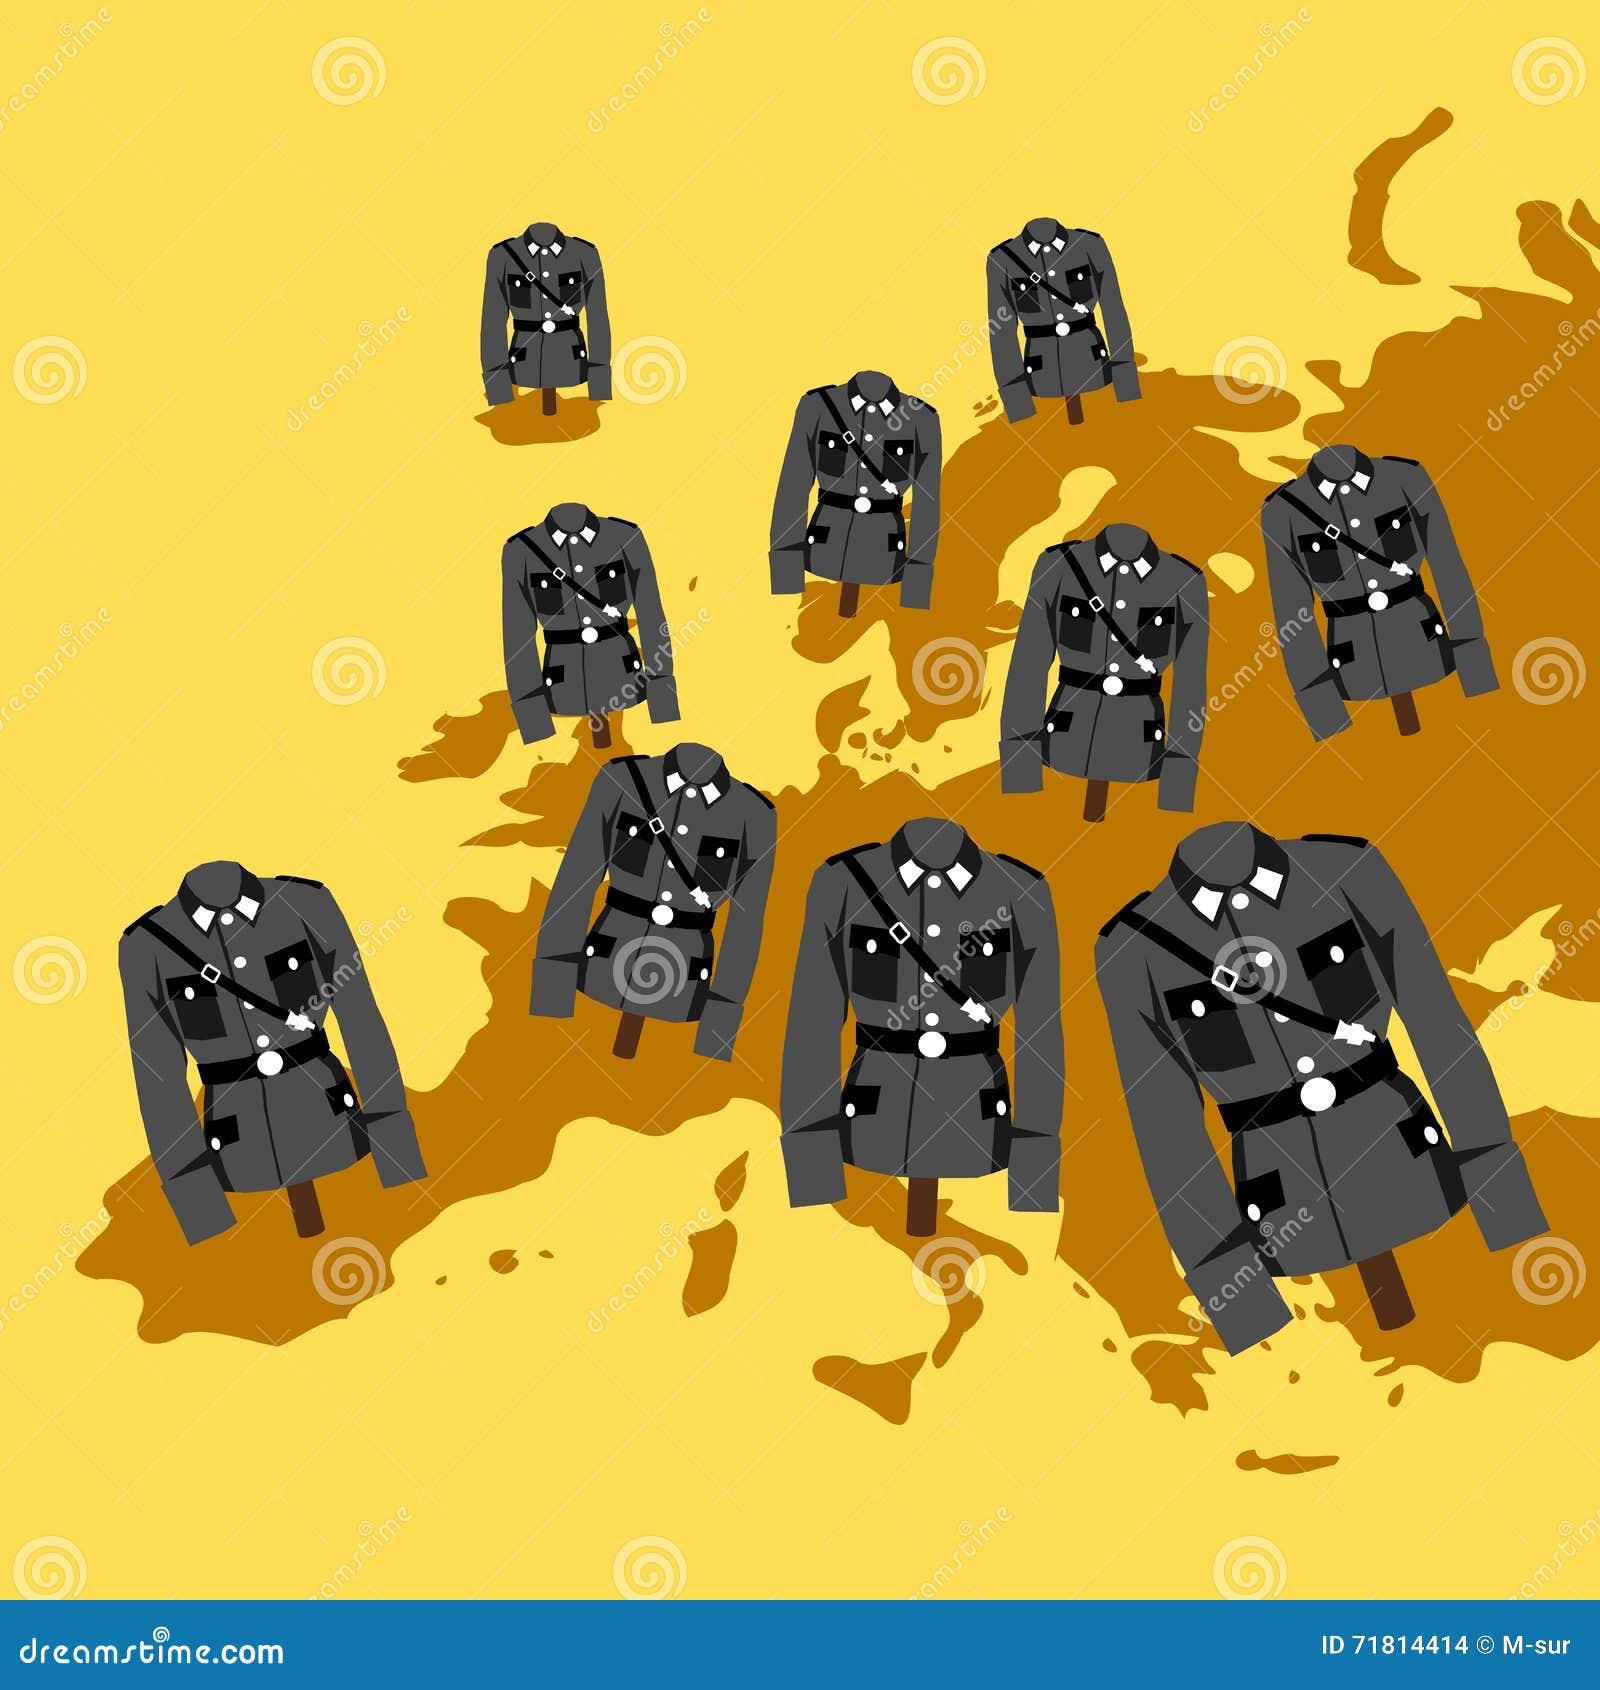 Ακροδεξιός και εθνικισμός στην Ευρώπη